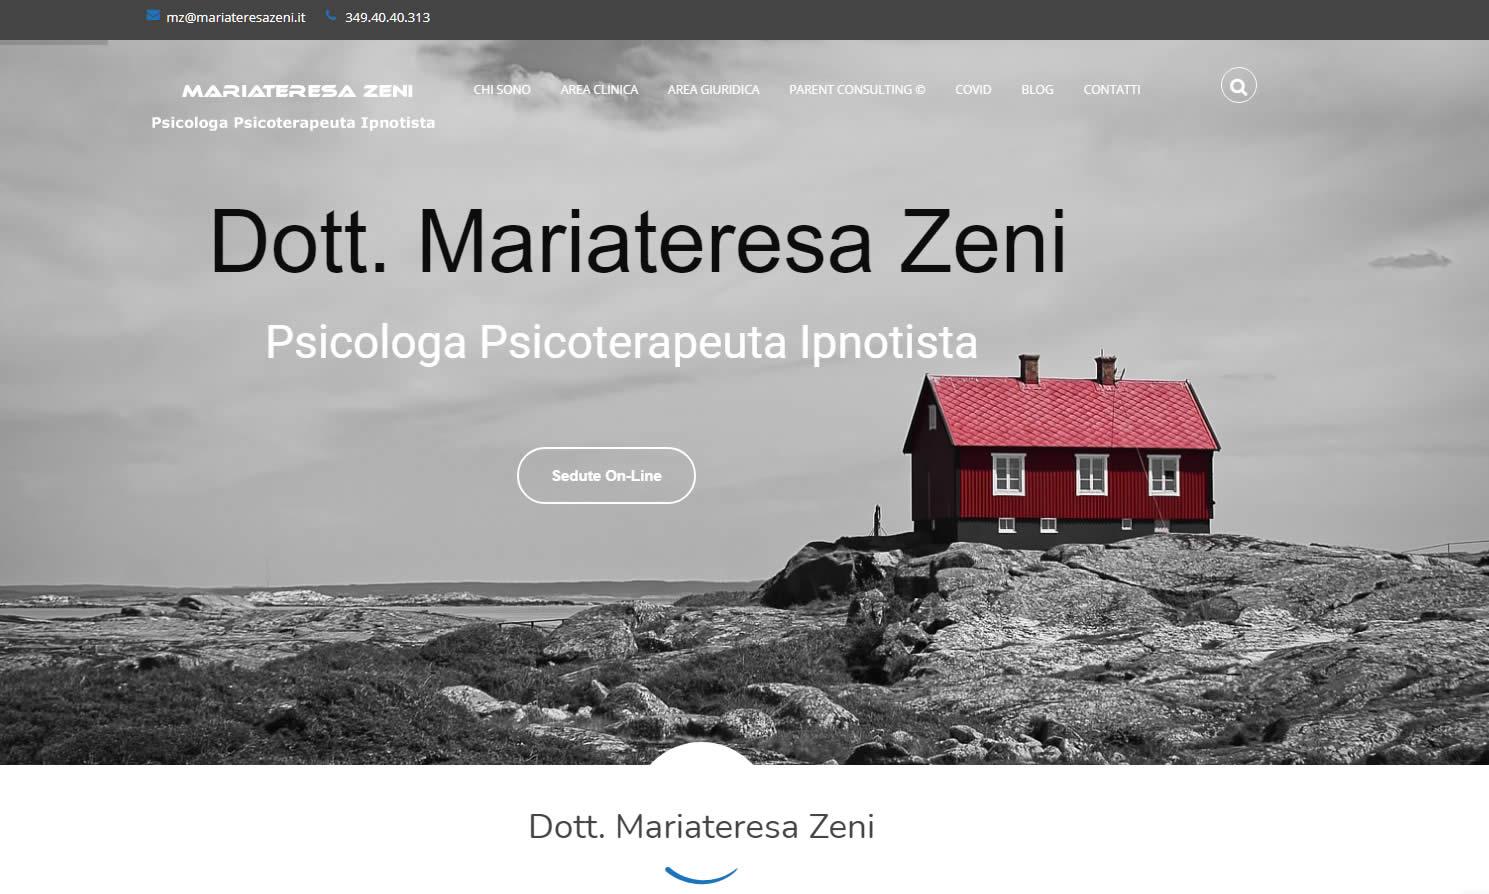 psicologa e psicoterapia online